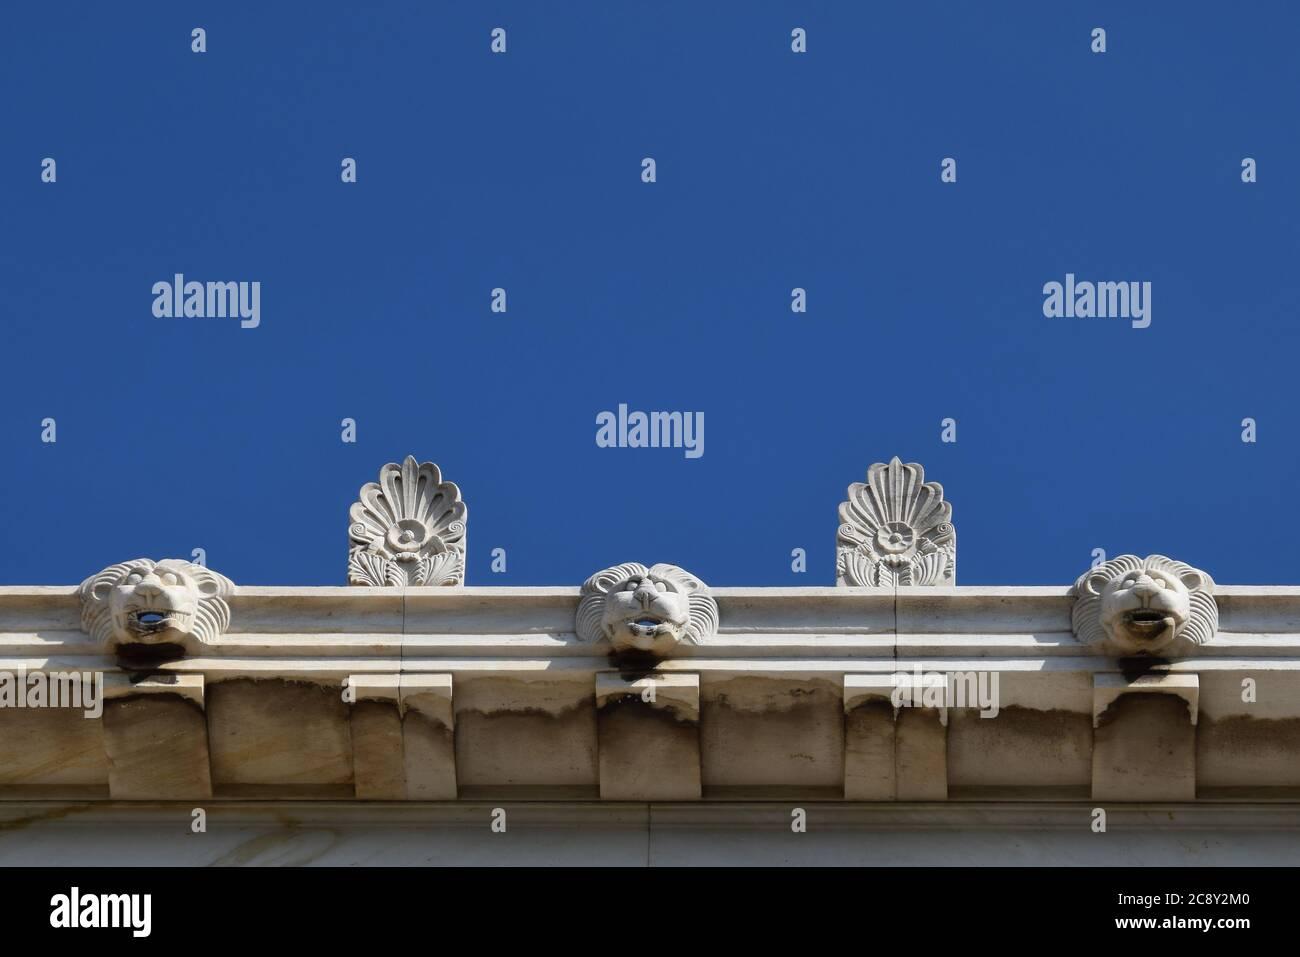 Ornamenti antefix di palpette e testa di leone drenano i beccucci d'acqua sul tetto di Stoa Attalos nell'antica Agora di Atene, Grecia. Dettaglio architettonico. Foto Stock